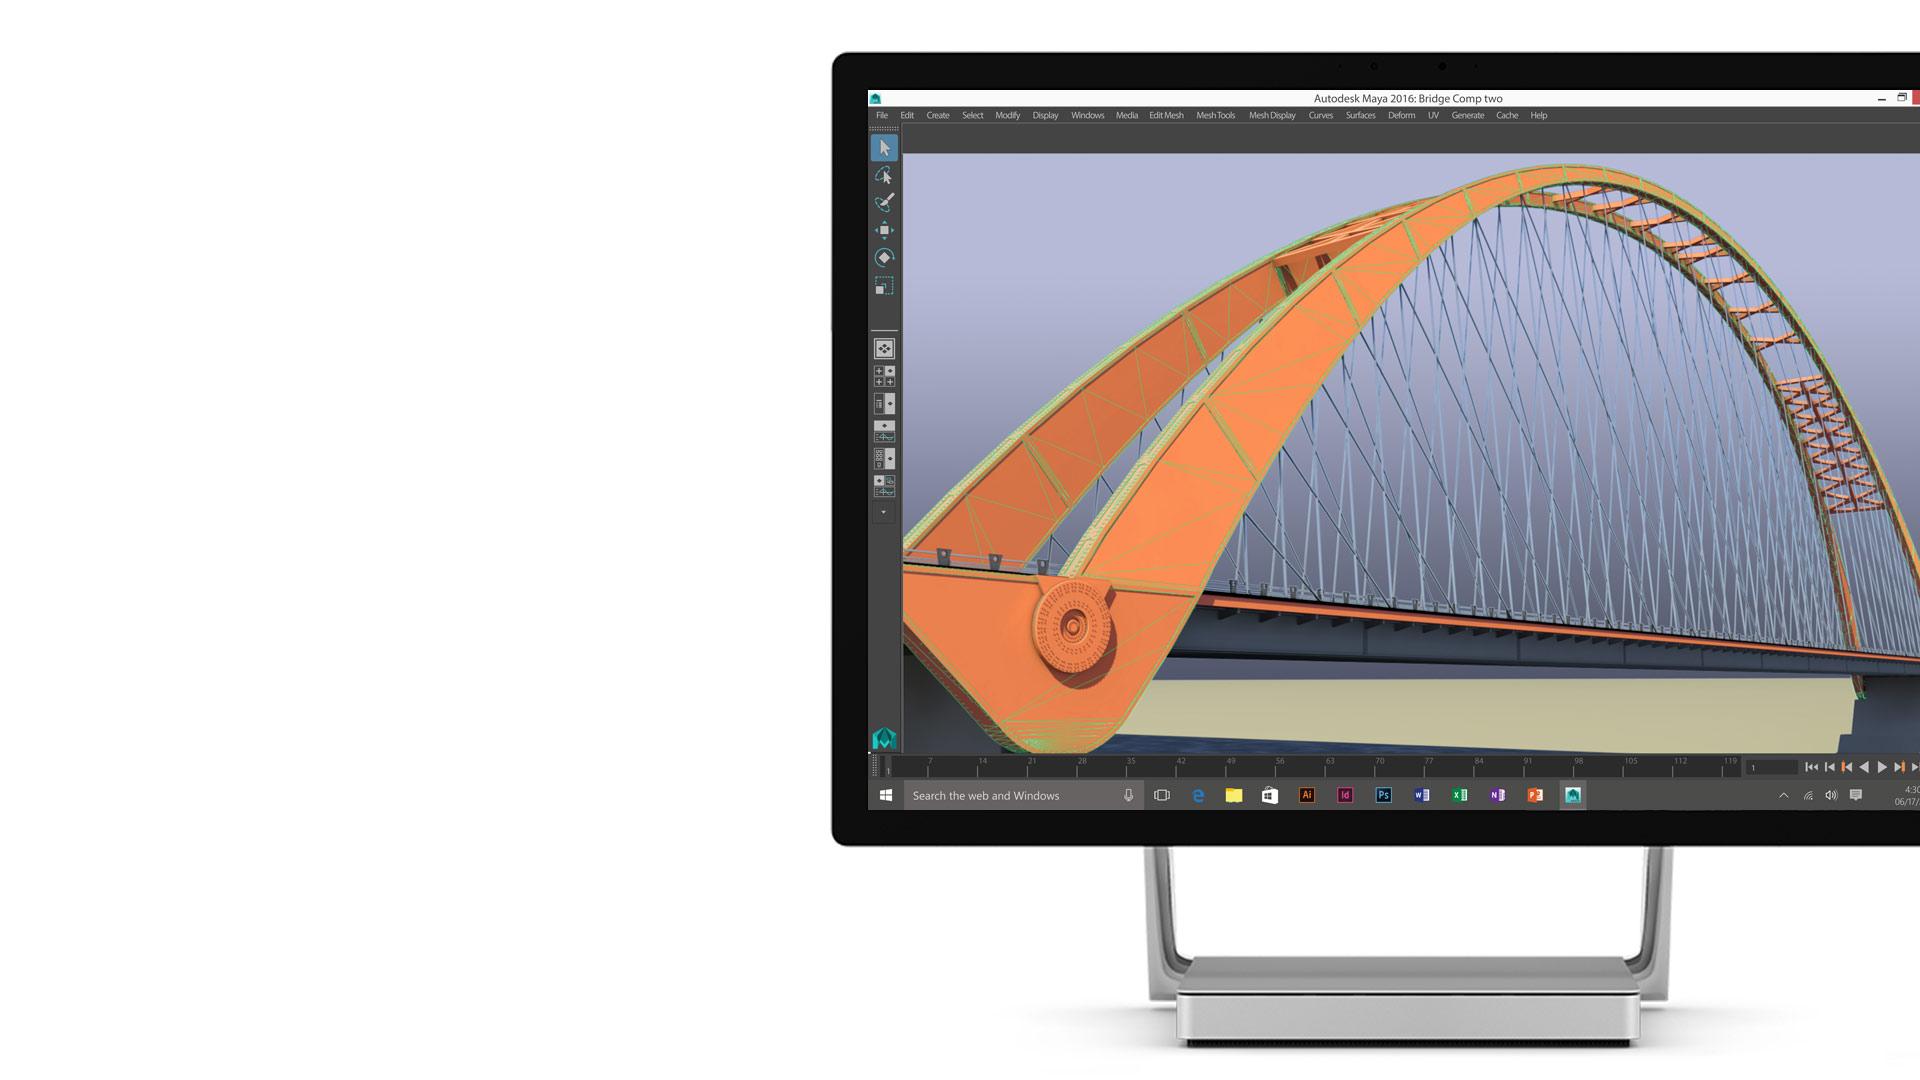 Autodesk Maya 2016 open on the Surface Studio display